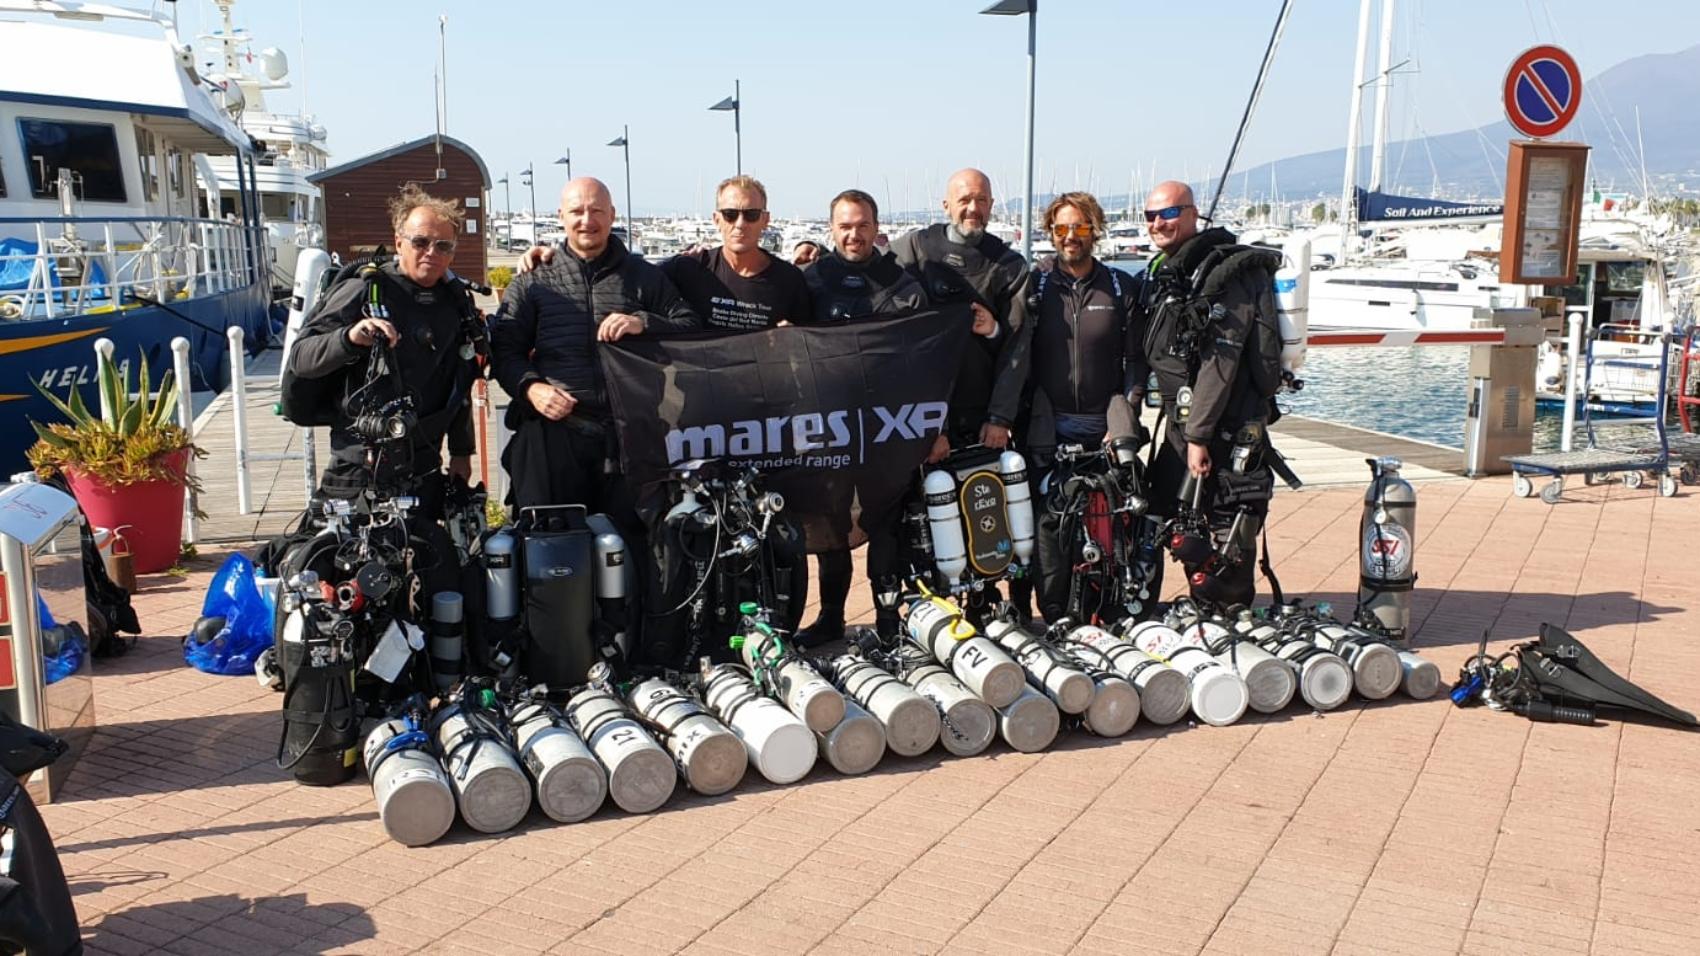 xr-weeck-tour-18-team